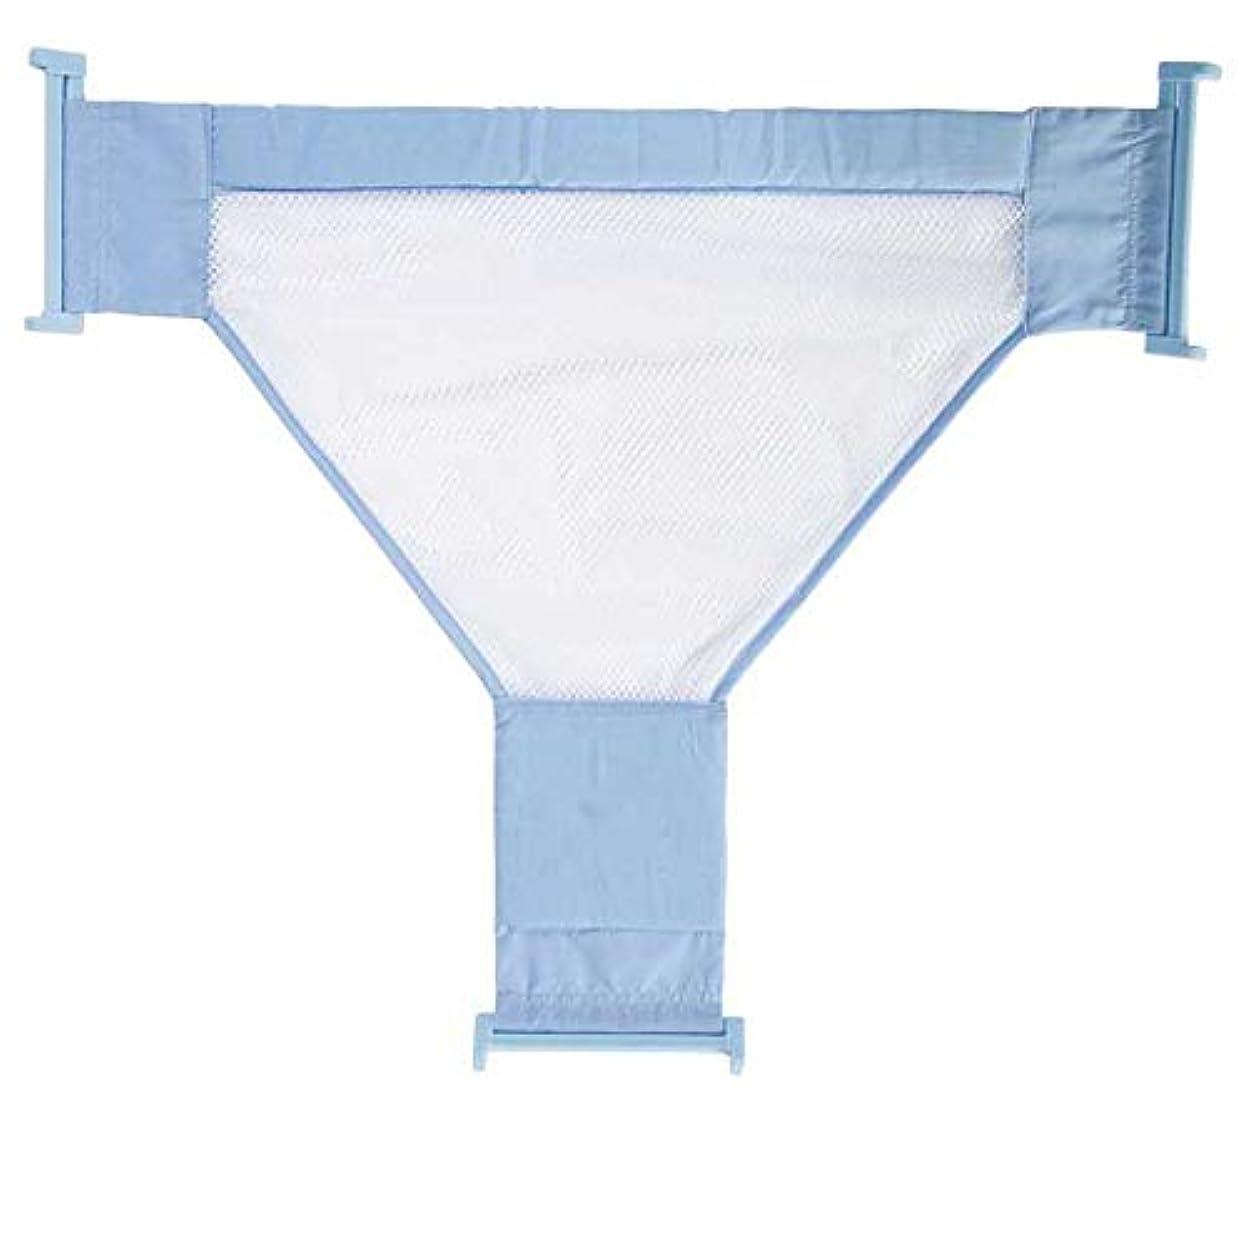 石ランドマークスロットOniorT型 調節可能 浴室 ネット 安全 防護 浴槽網 ネットカバー 入浴 サスペンダー 滑り止め 浴槽網 青